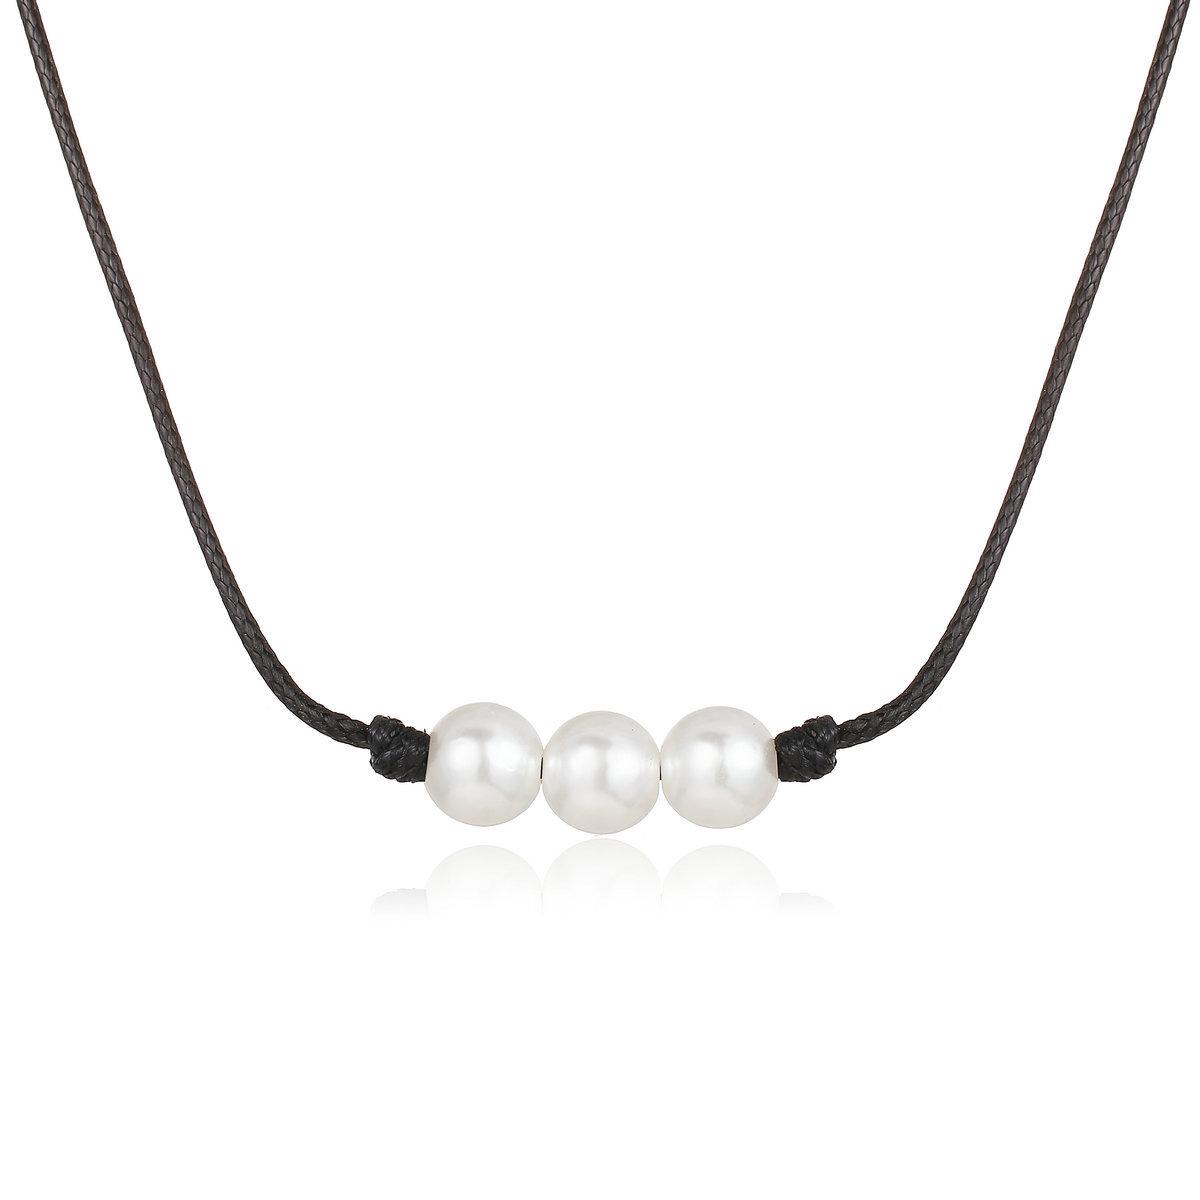 Elegante y sencillo collar de perlas artificiales. NHPJ156024